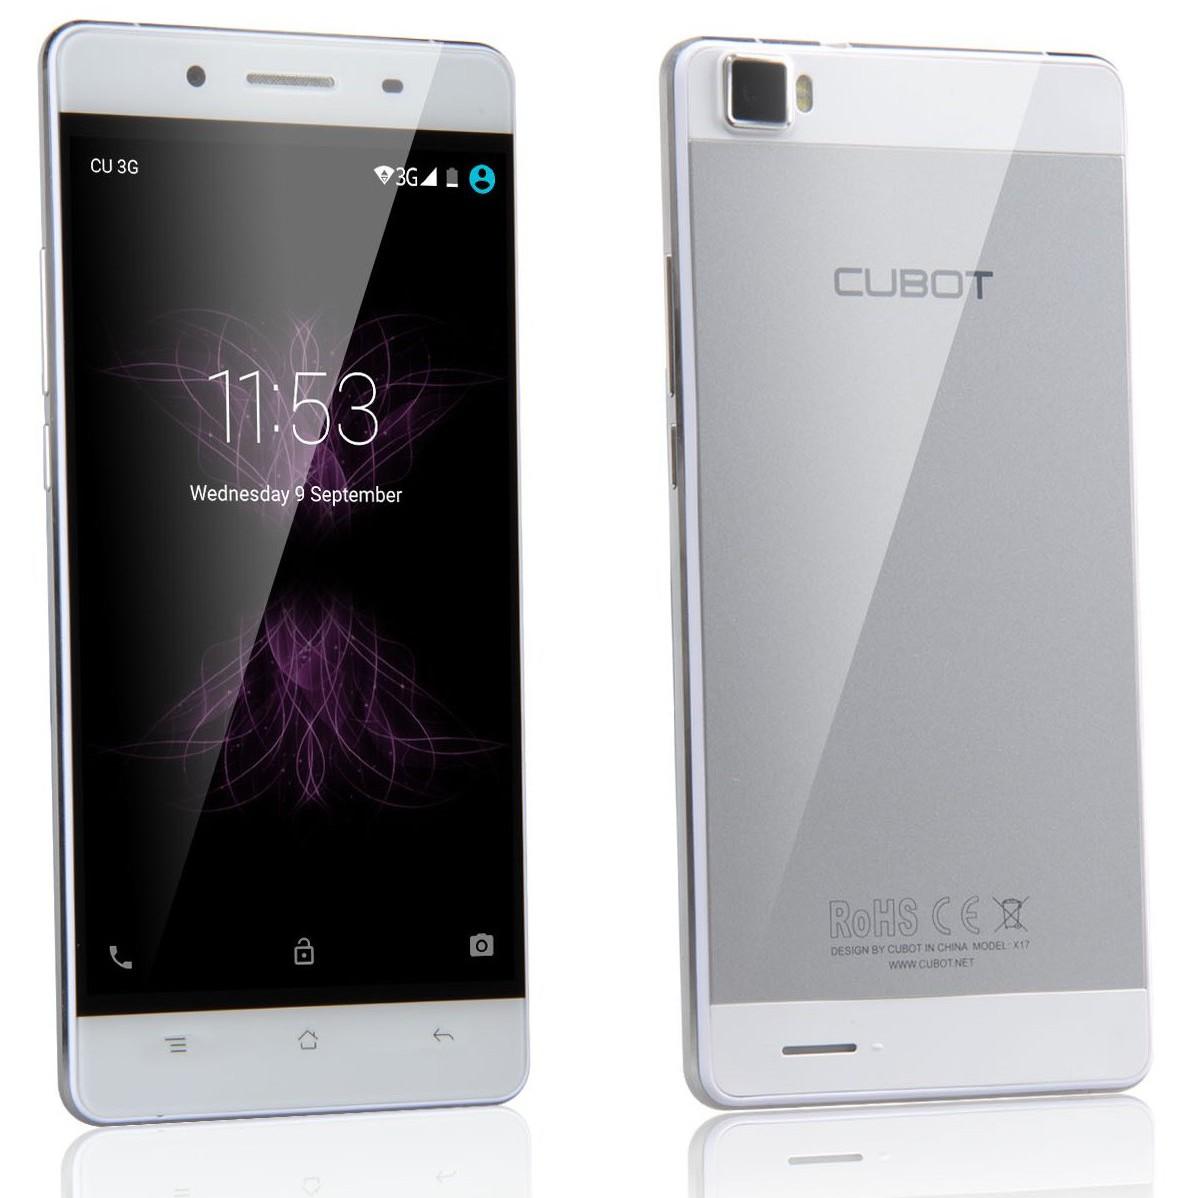 041f875fc268d9 Smartfony Cubot oficjalnie w Polsce. Są tanie i interesujące ...